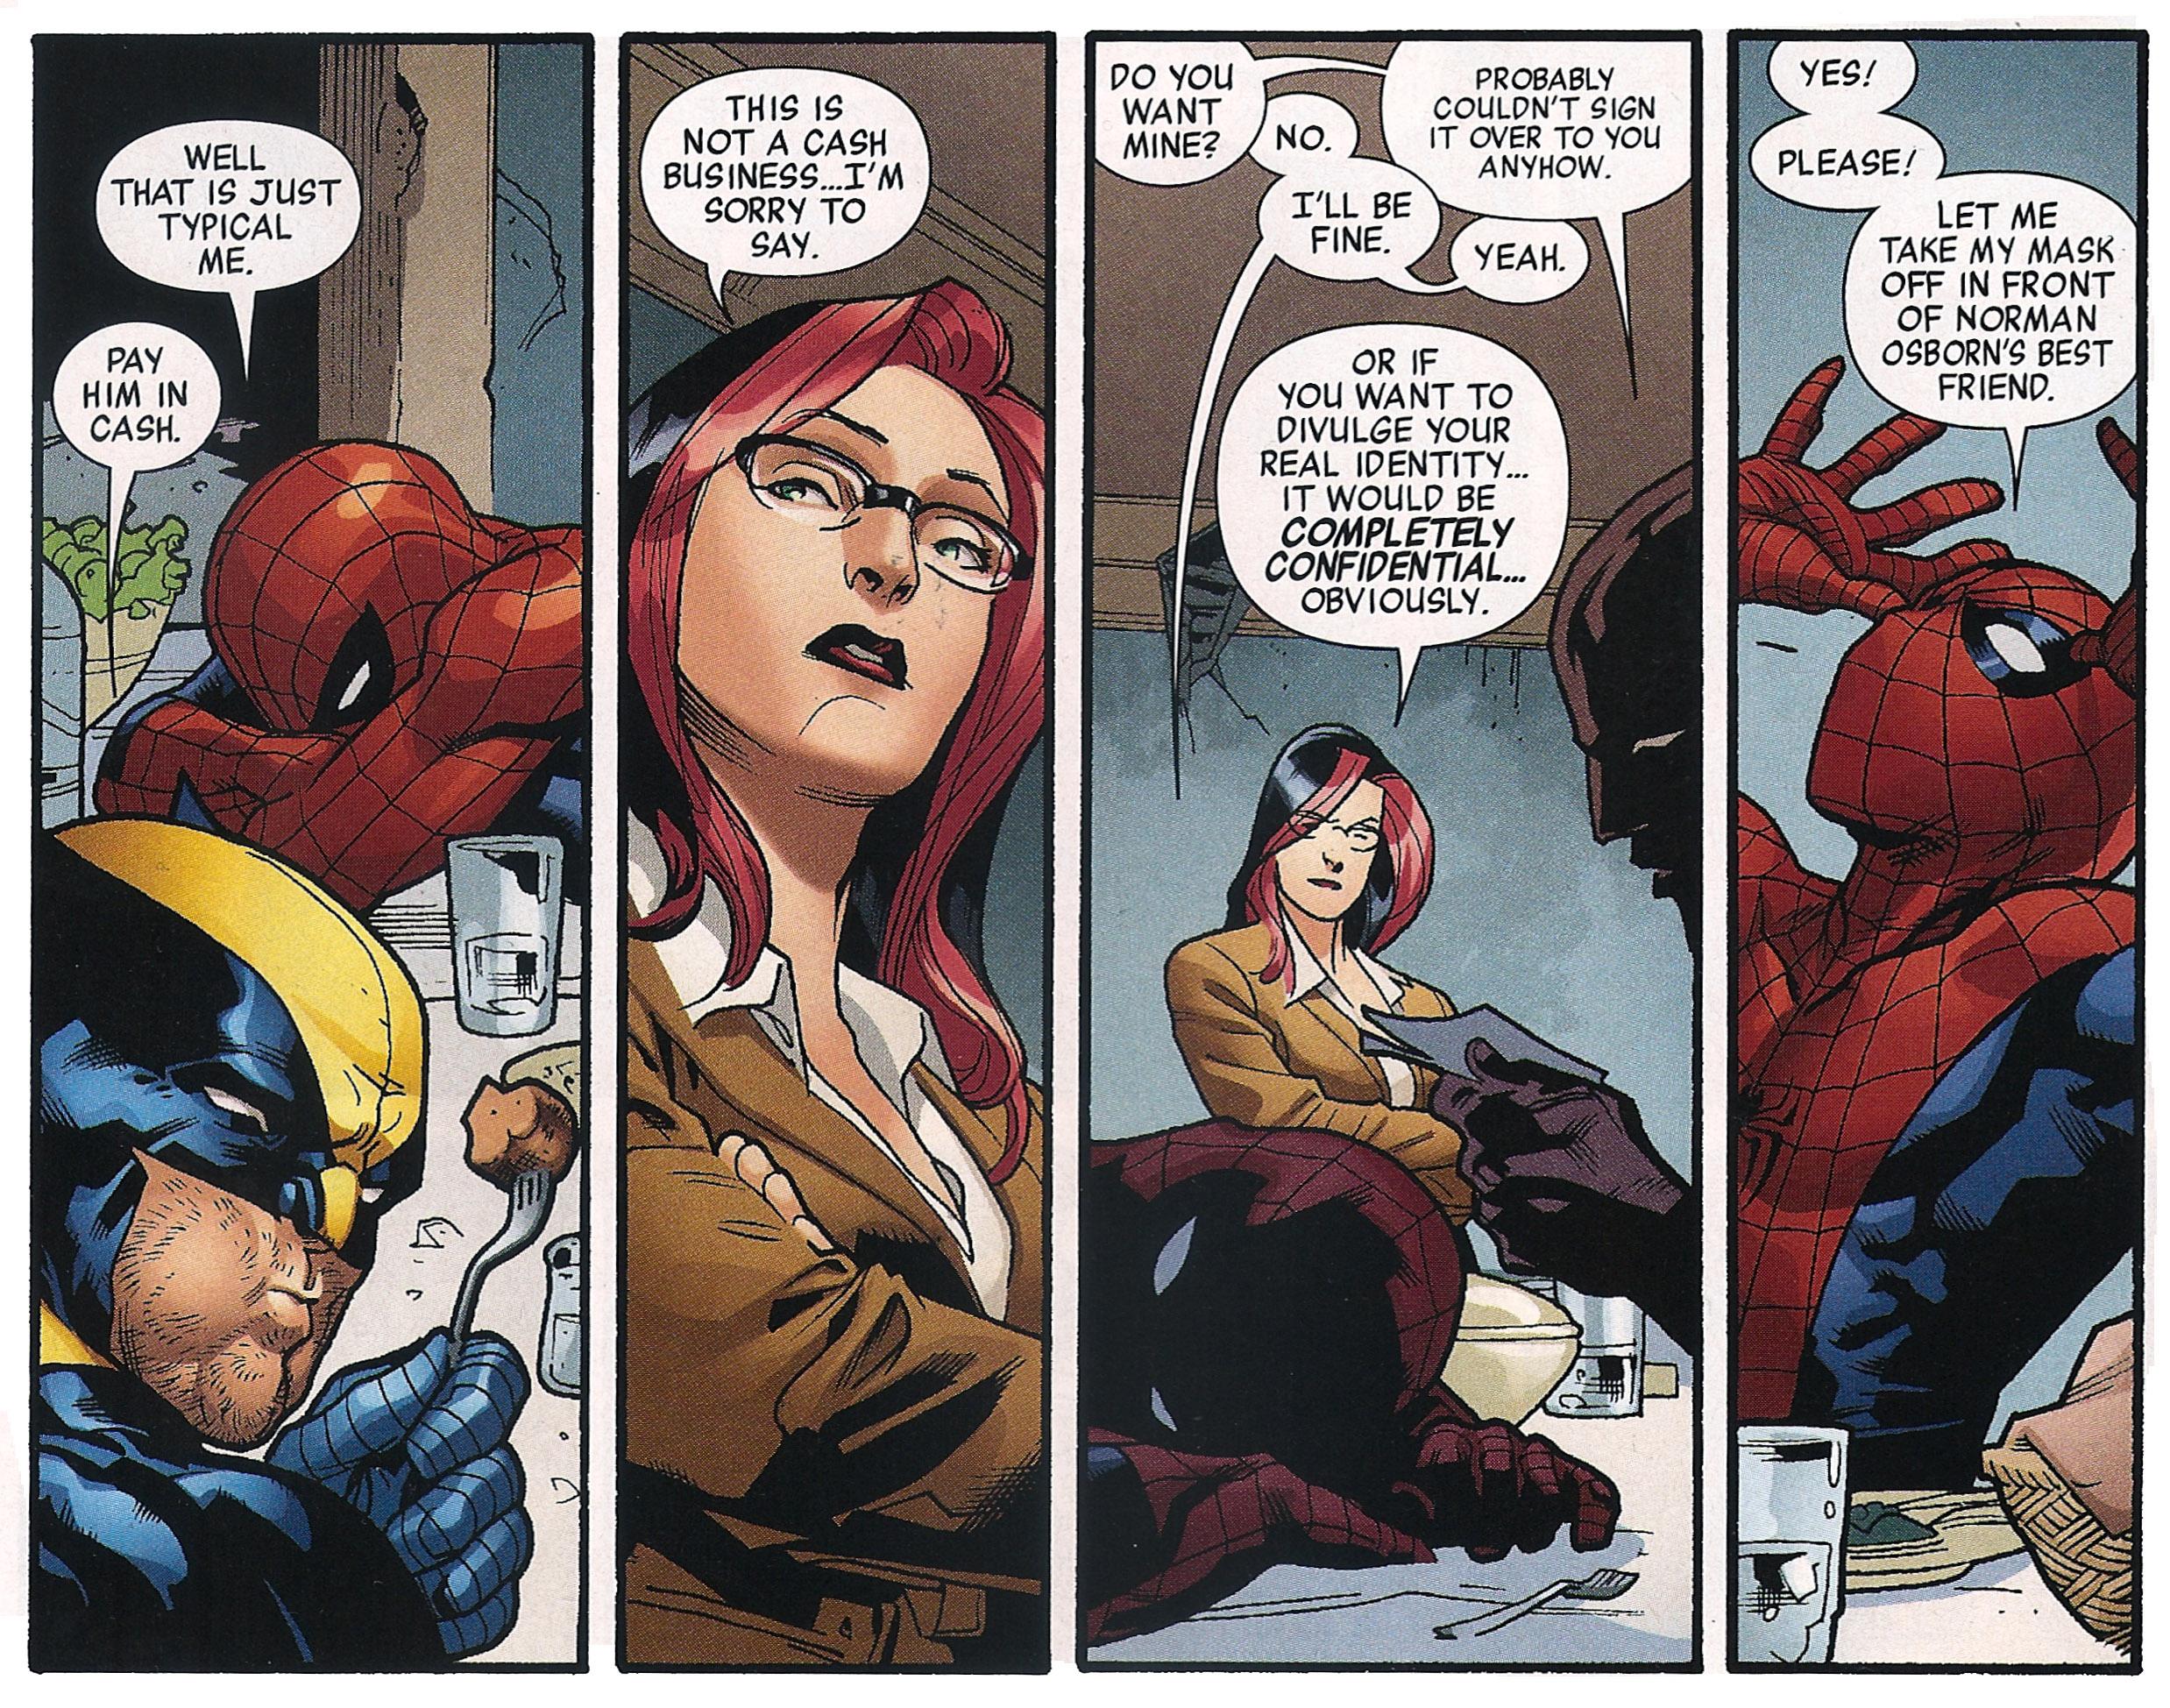 favourite funny spiderman moment   spider man   comic vine